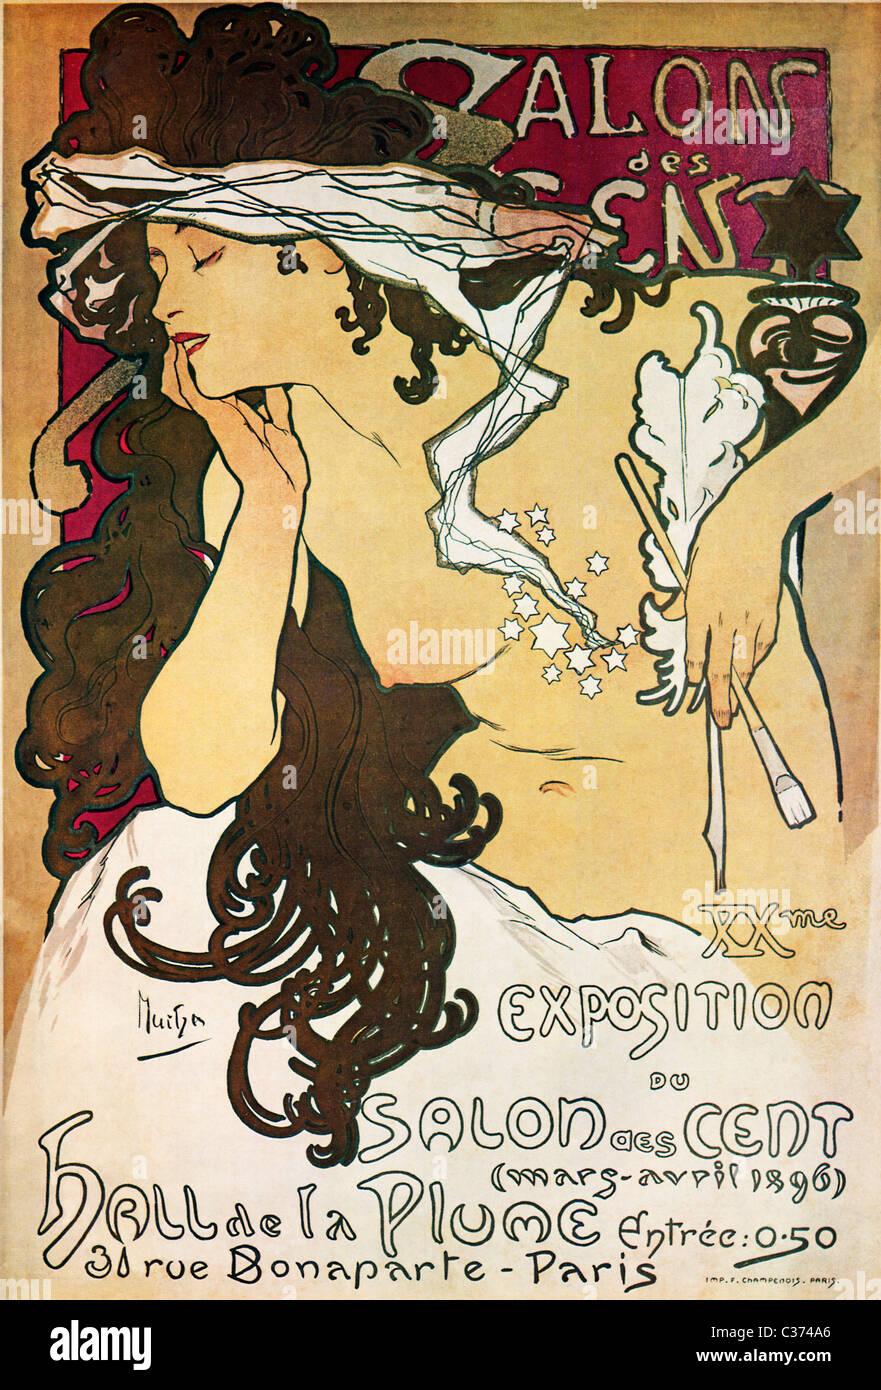 Mucha, Salon des Cent 1896 Art Nouveau poster da Alphonse Mucha per una mostra delle sue opere a Parigi Immagini Stock